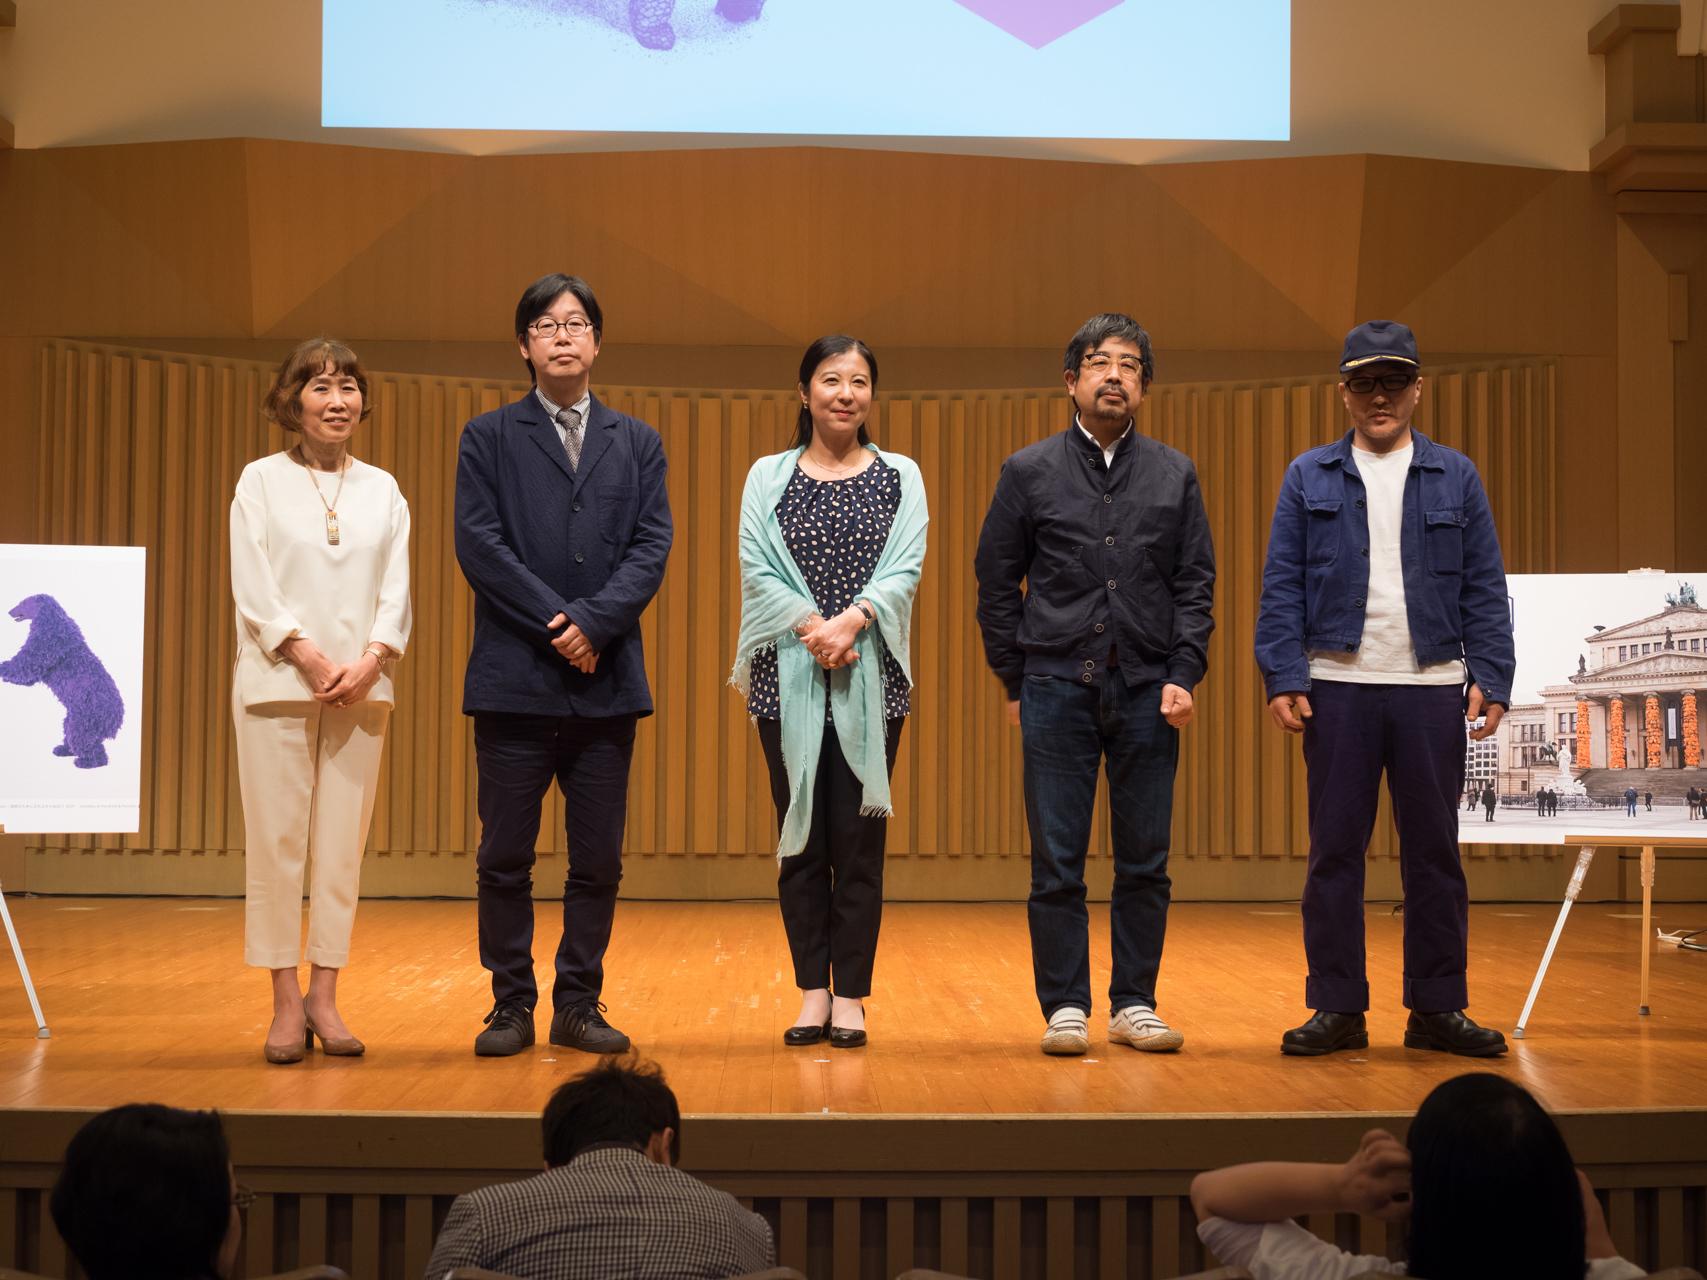 (左から)逢坂恵理子、柏木智雄、三木あき子、小沢剛、宇治野宗輝